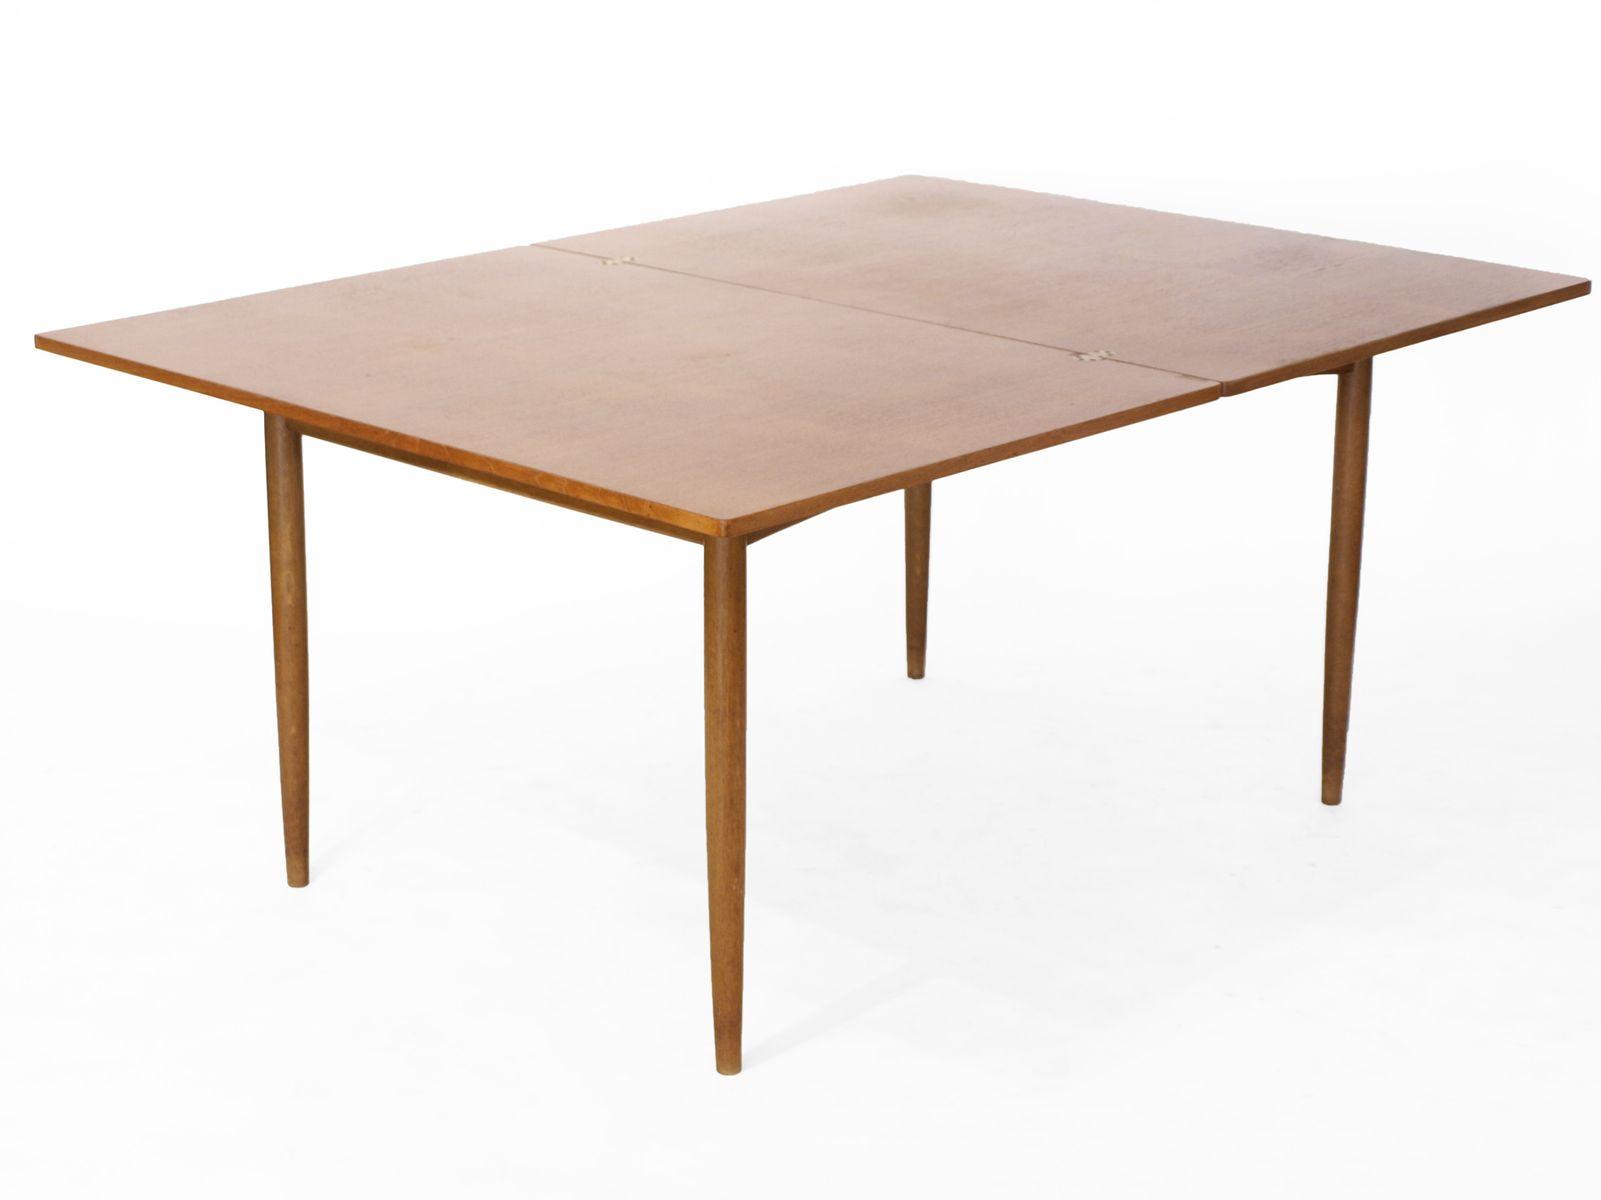 Scandinavian teak folding dining table for sale at pamono - Dining table scandinavian ...